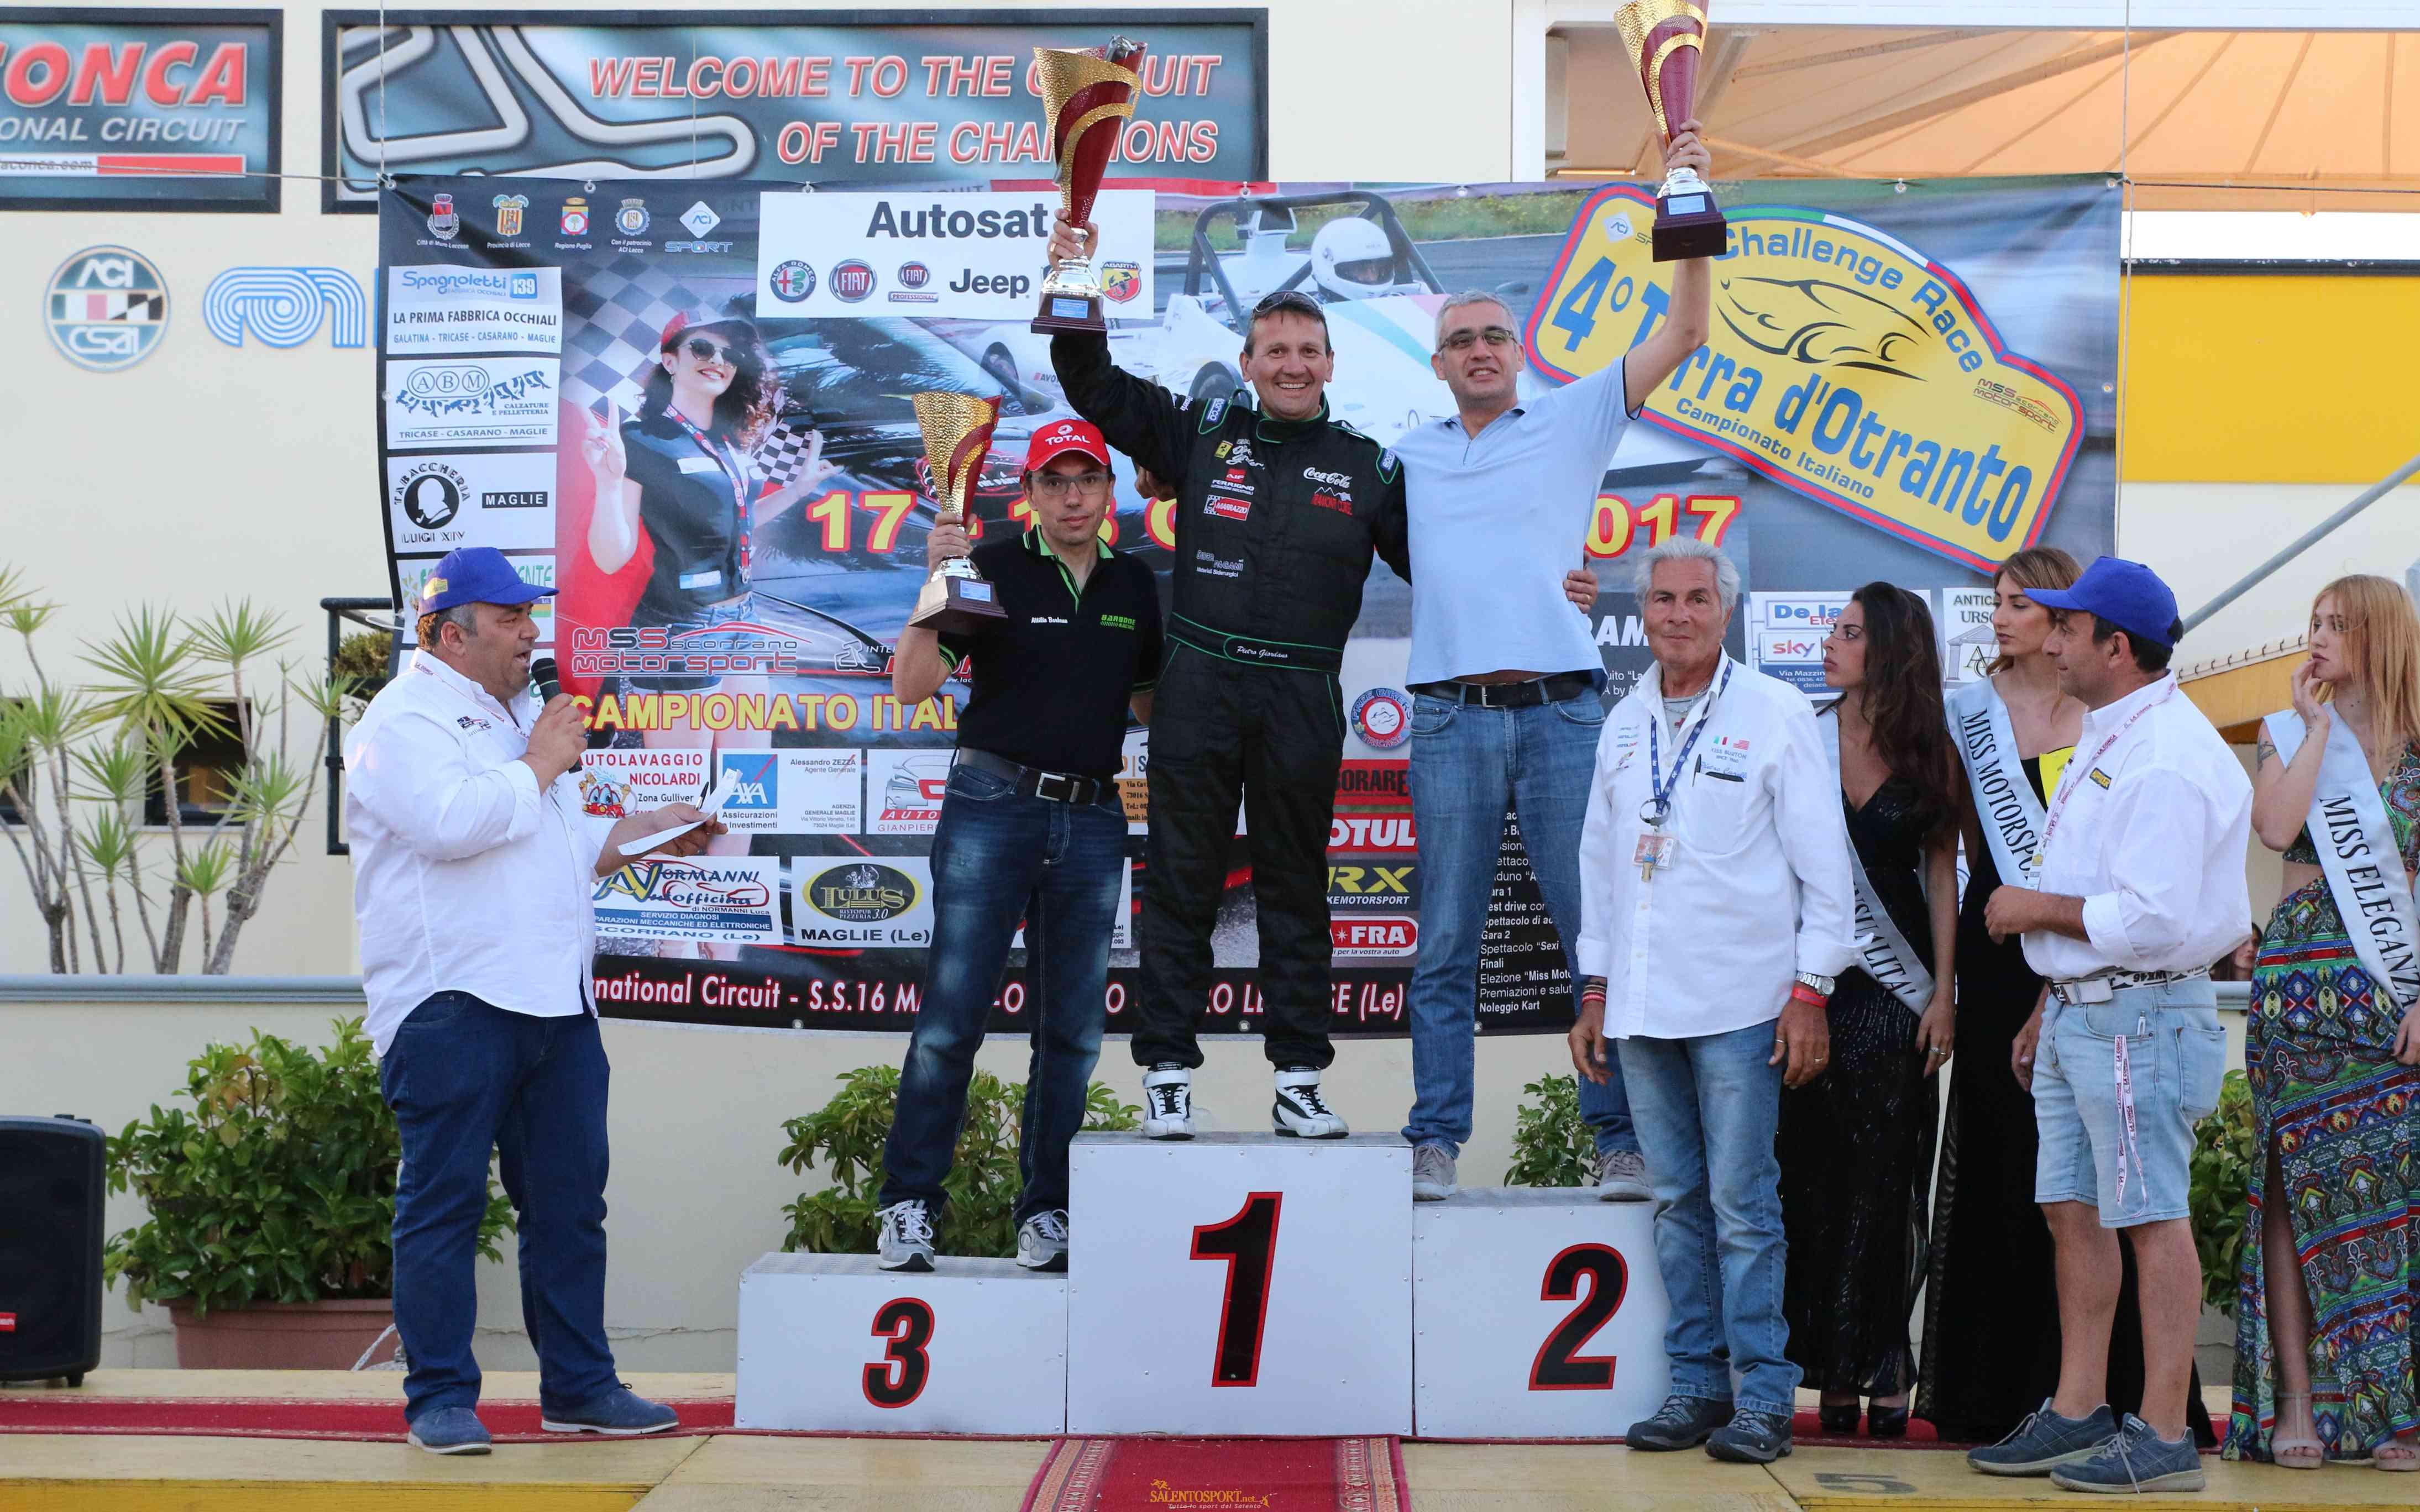 formula-challenge-terra-otranto-2017-podio ph c. gerundio (podio: Pietro Giordano (vincitore della gara 2017), il vice-campione Domenico D'Amico ed il terzo assoluto Attilio Barbone)